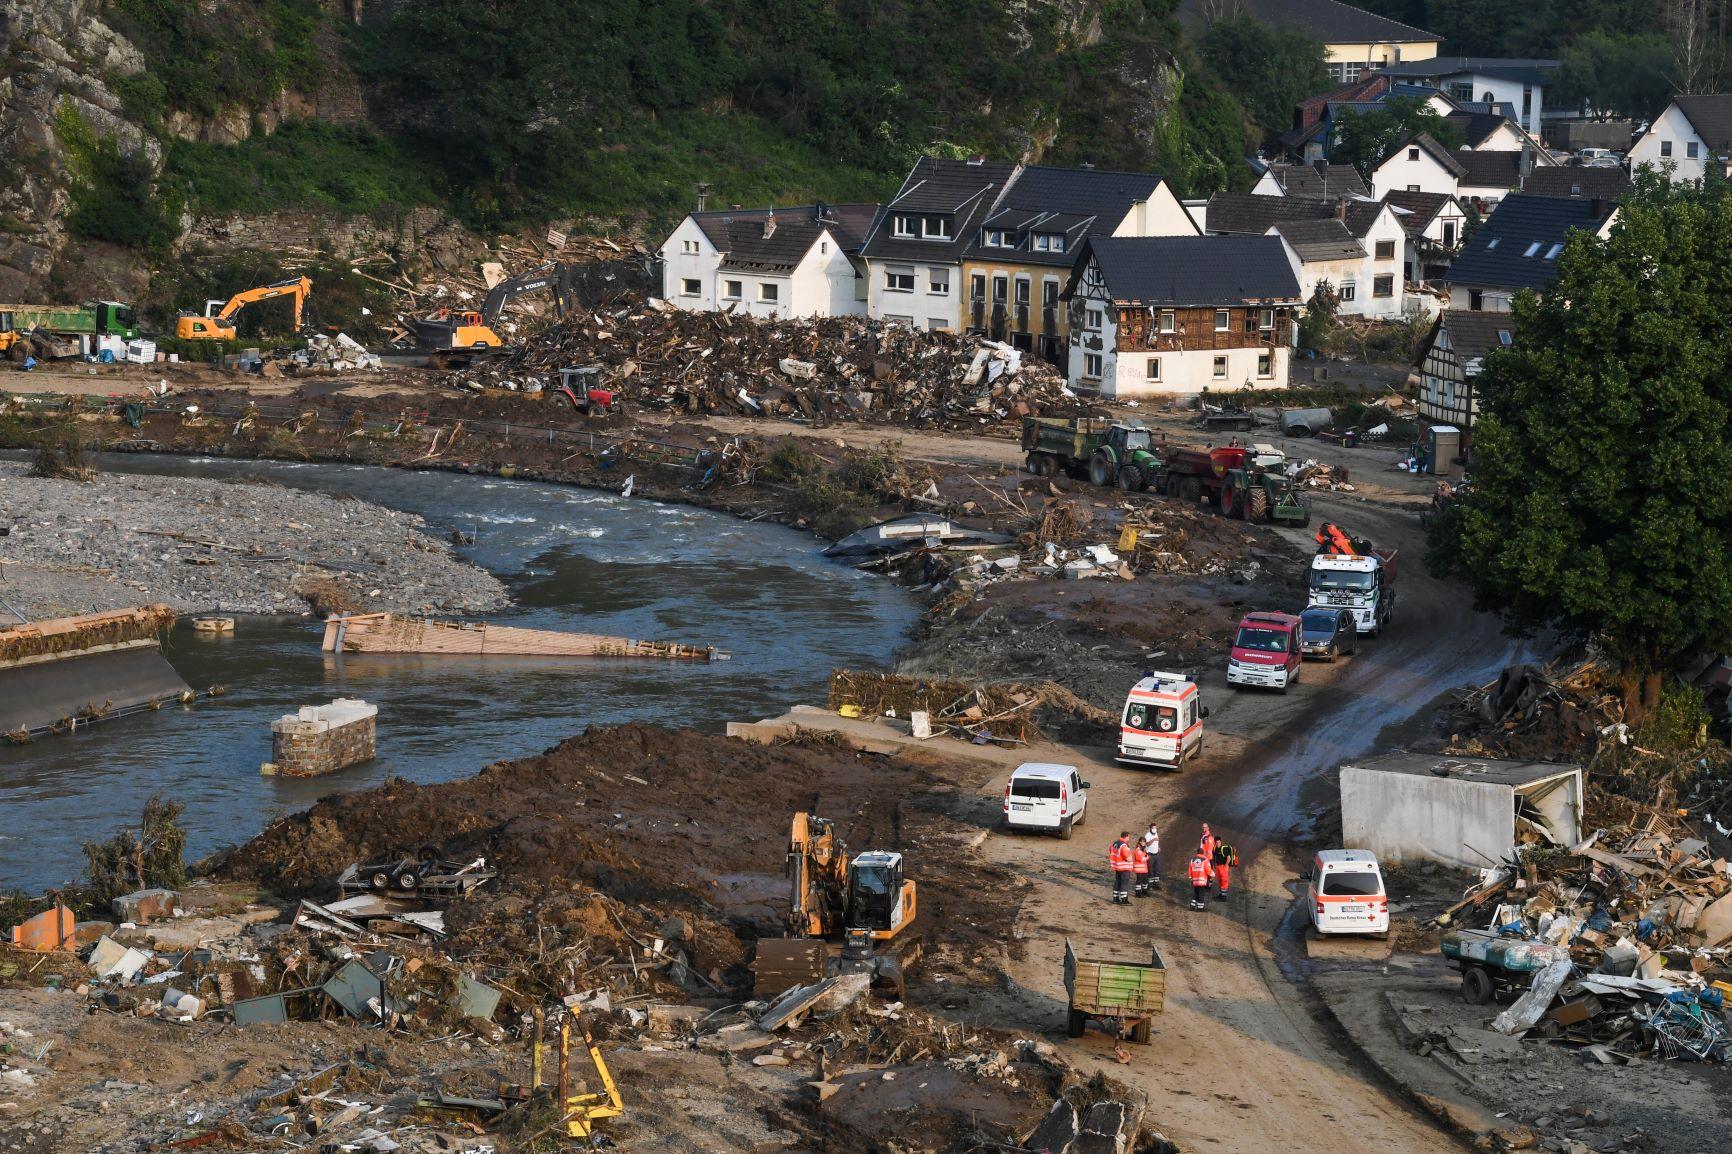 Destruição às margens do rio Ahr, na Alemanha, que transbordou em vários pontos: calor extremo, provocado pela crise climático, gerou precipitação recorde (Foto: Cristof Stache / AFP)